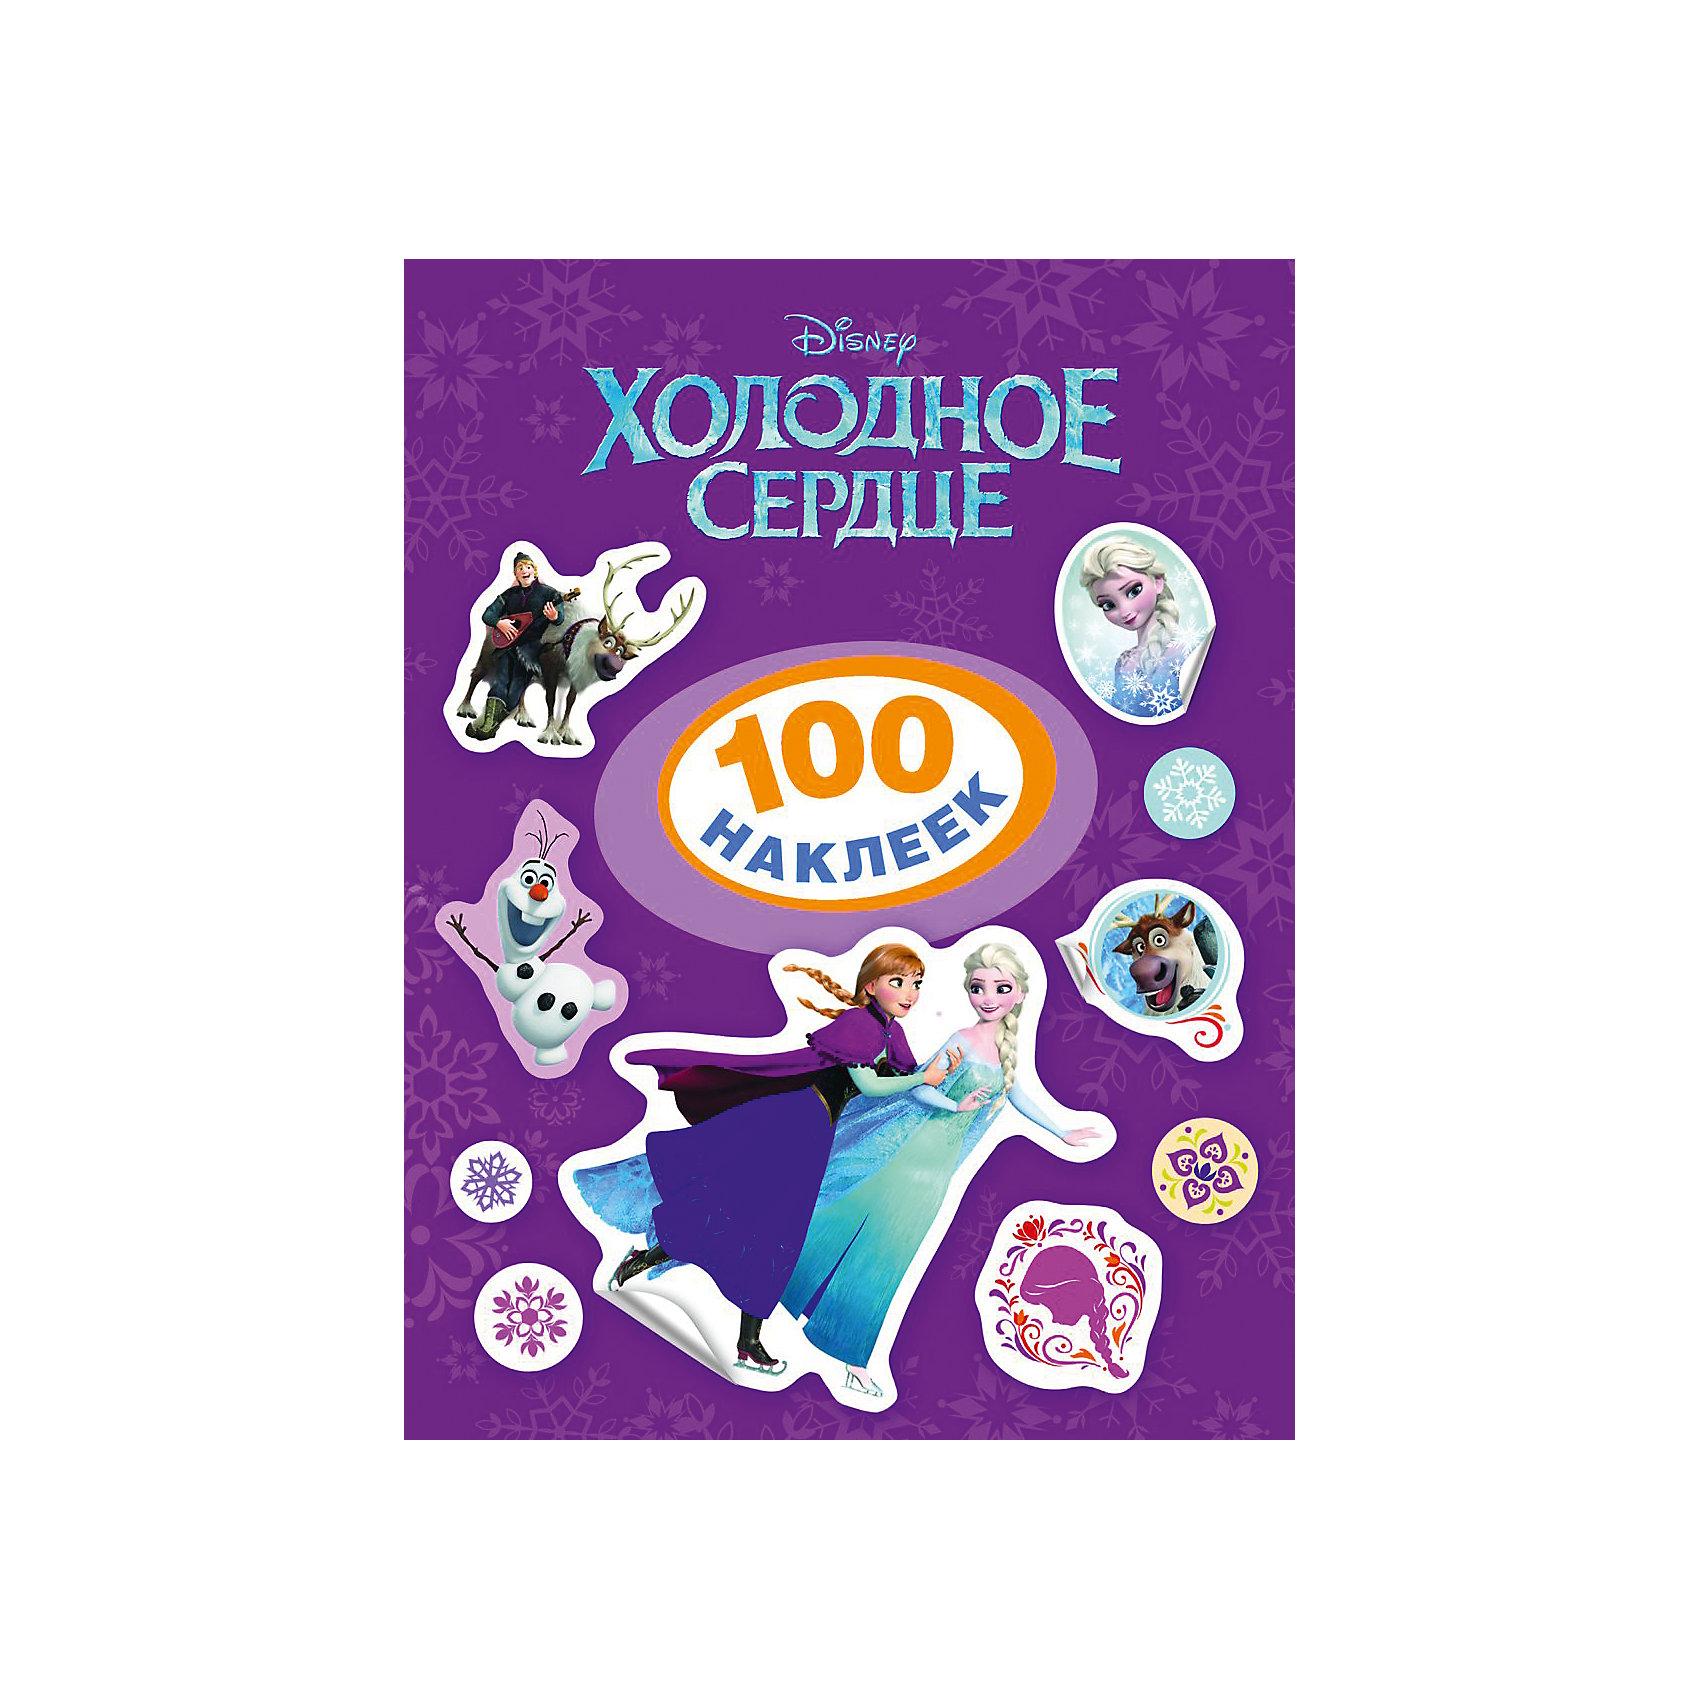 100 наклеек  , Холодное сердцеГерои популярных диснеевских мультфильмов в наклейках! В этом альбоме - целых 100 ярких наклеек. Укрась портретами персонажей комнату, тетради и игрушки! <br><br>Дополнительная информация:<br><br>- Формат: 20х15 см.<br>- Переплет: мягкий.<br>- Количество страниц: 8. <br>- Иллюстрации: цветные. <br><br>100 наклеек, Холодное сердце (Frozen), можно купить в нашем магазине.<br><br>Ширина мм: 200<br>Глубина мм: 150<br>Высота мм: 1<br>Вес г: 32<br>Возраст от месяцев: 36<br>Возраст до месяцев: 108<br>Пол: Женский<br>Возраст: Детский<br>SKU: 4547361